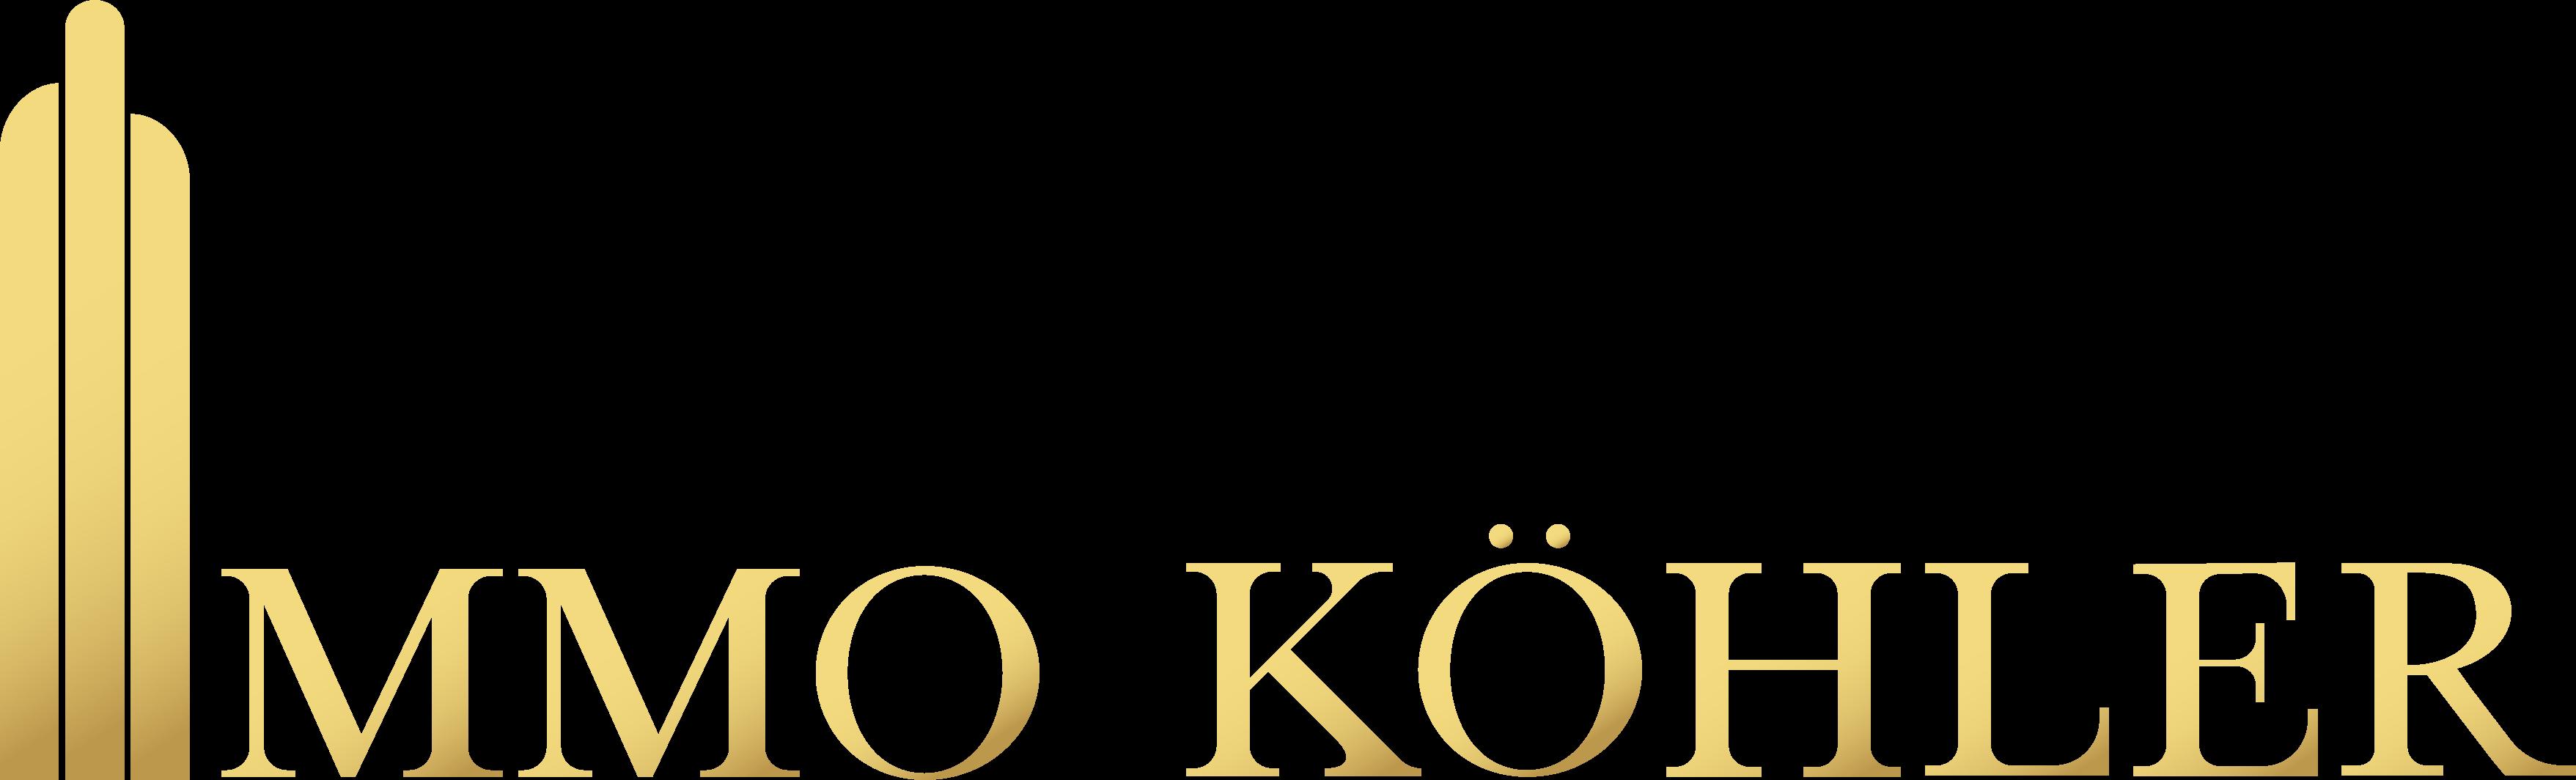 Immo Köhler